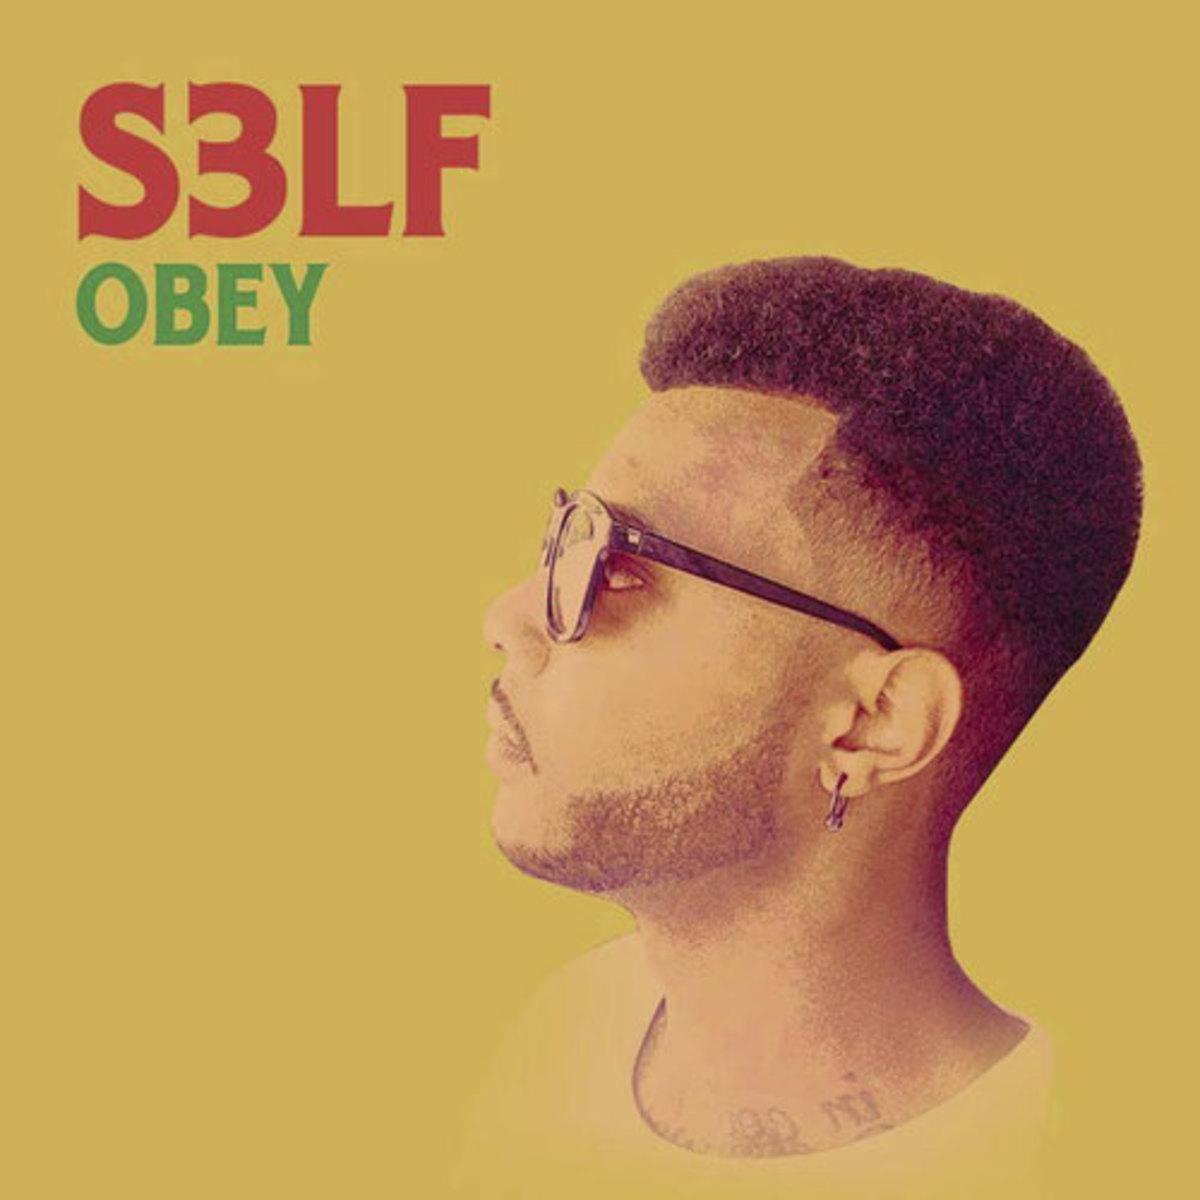 s3lf-obey.jpg